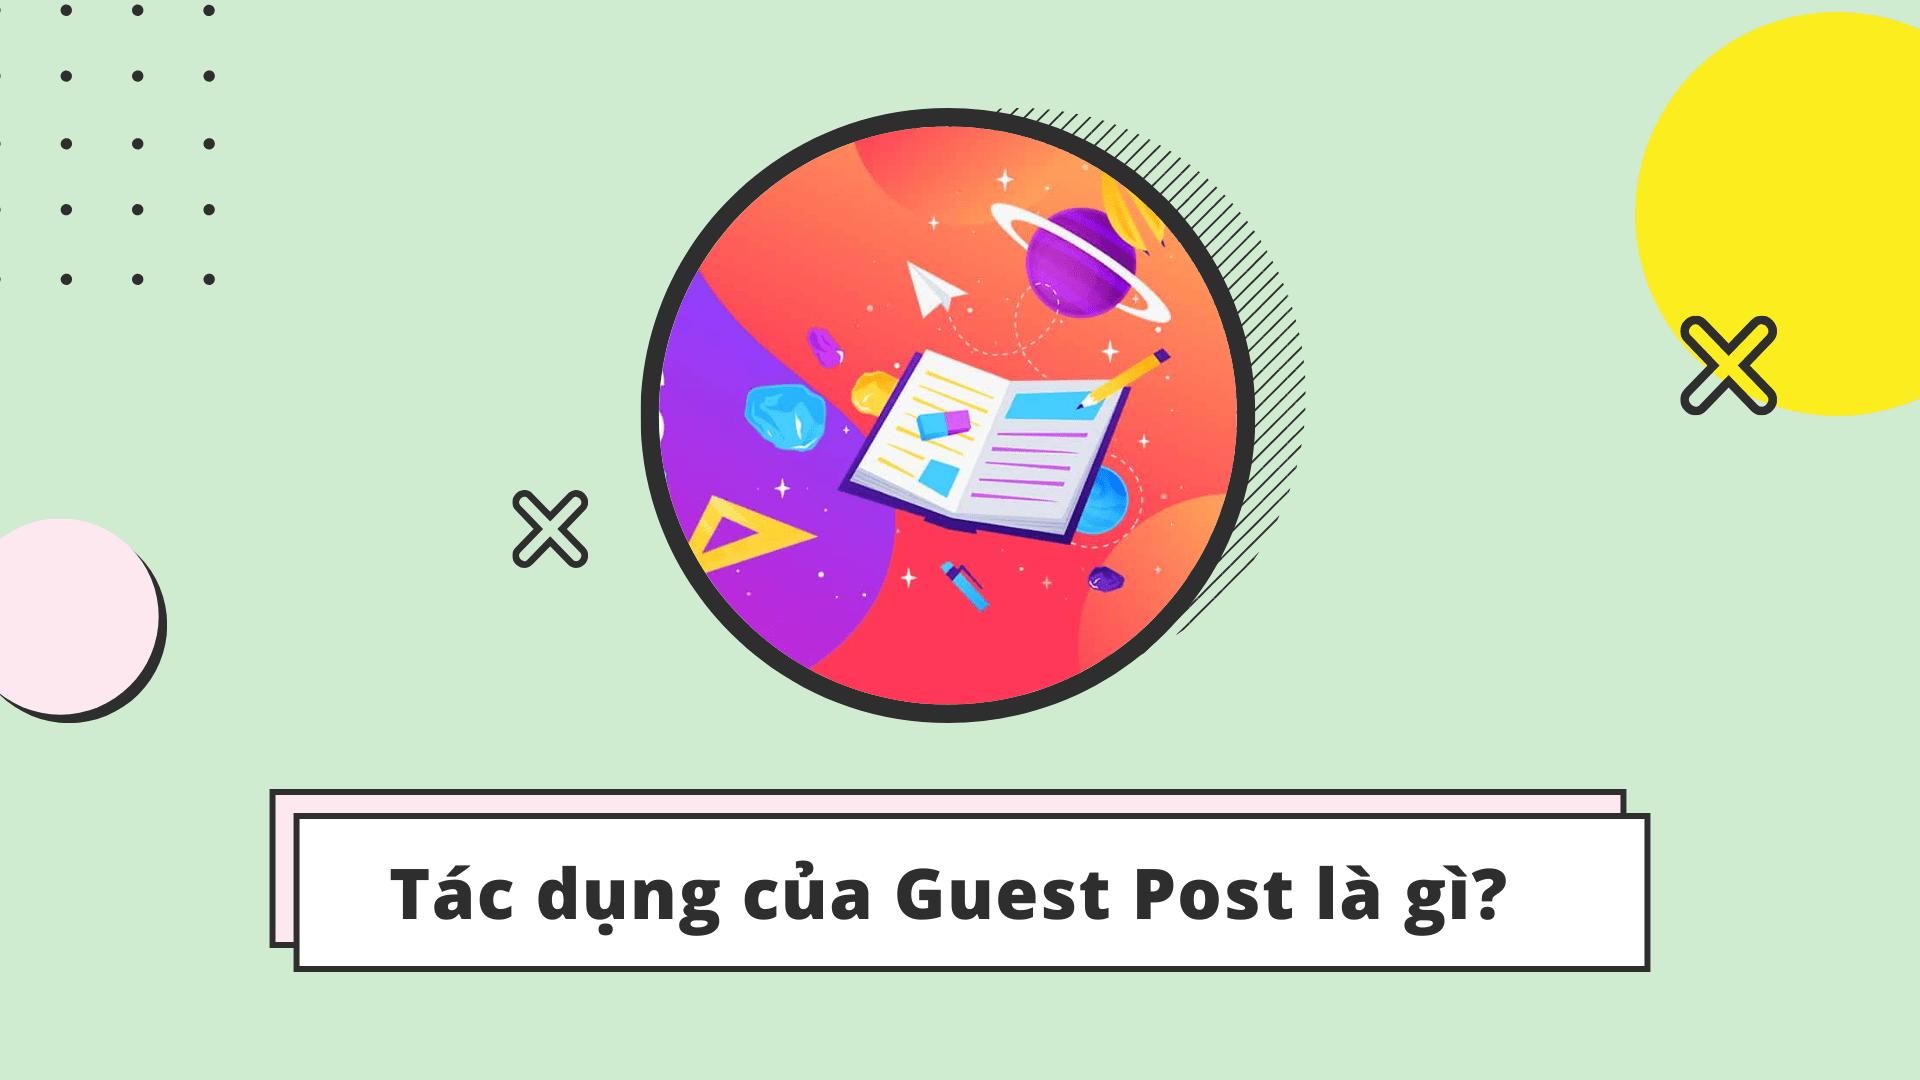 Ích lợi của Guest Post là gì?